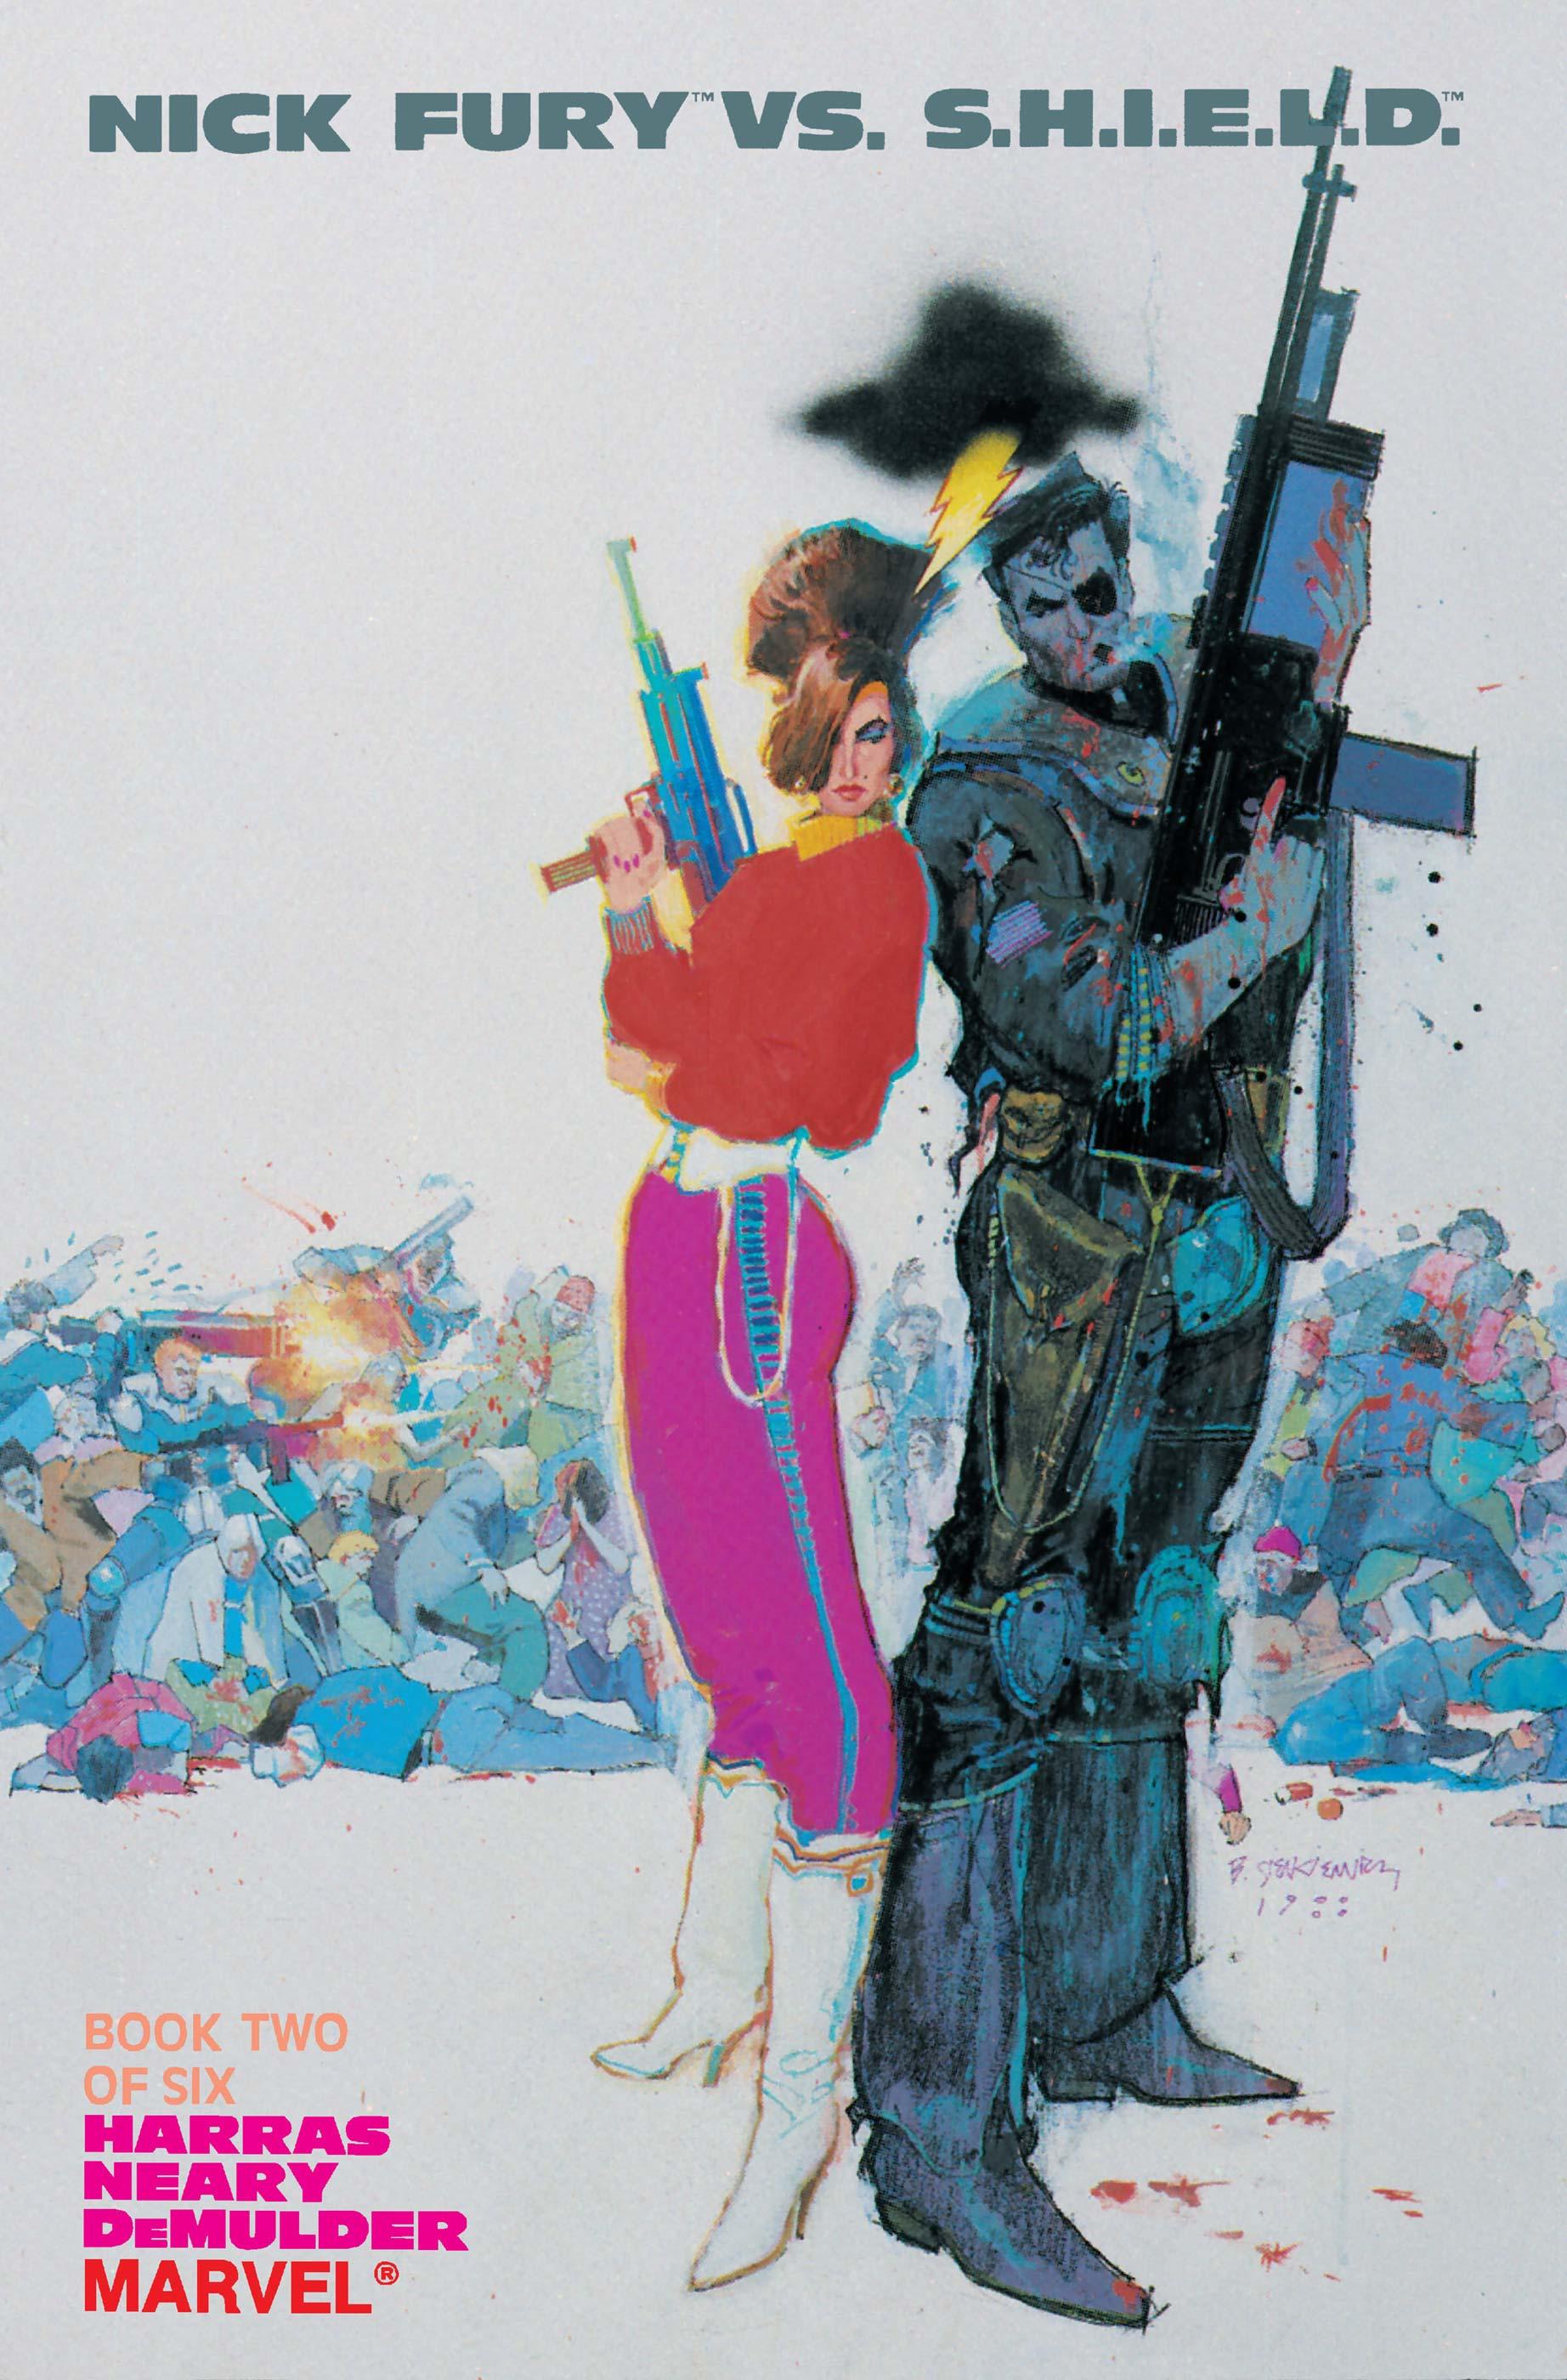 Nick Fury Vs. S.H.I.E.L.D. (1988) #2